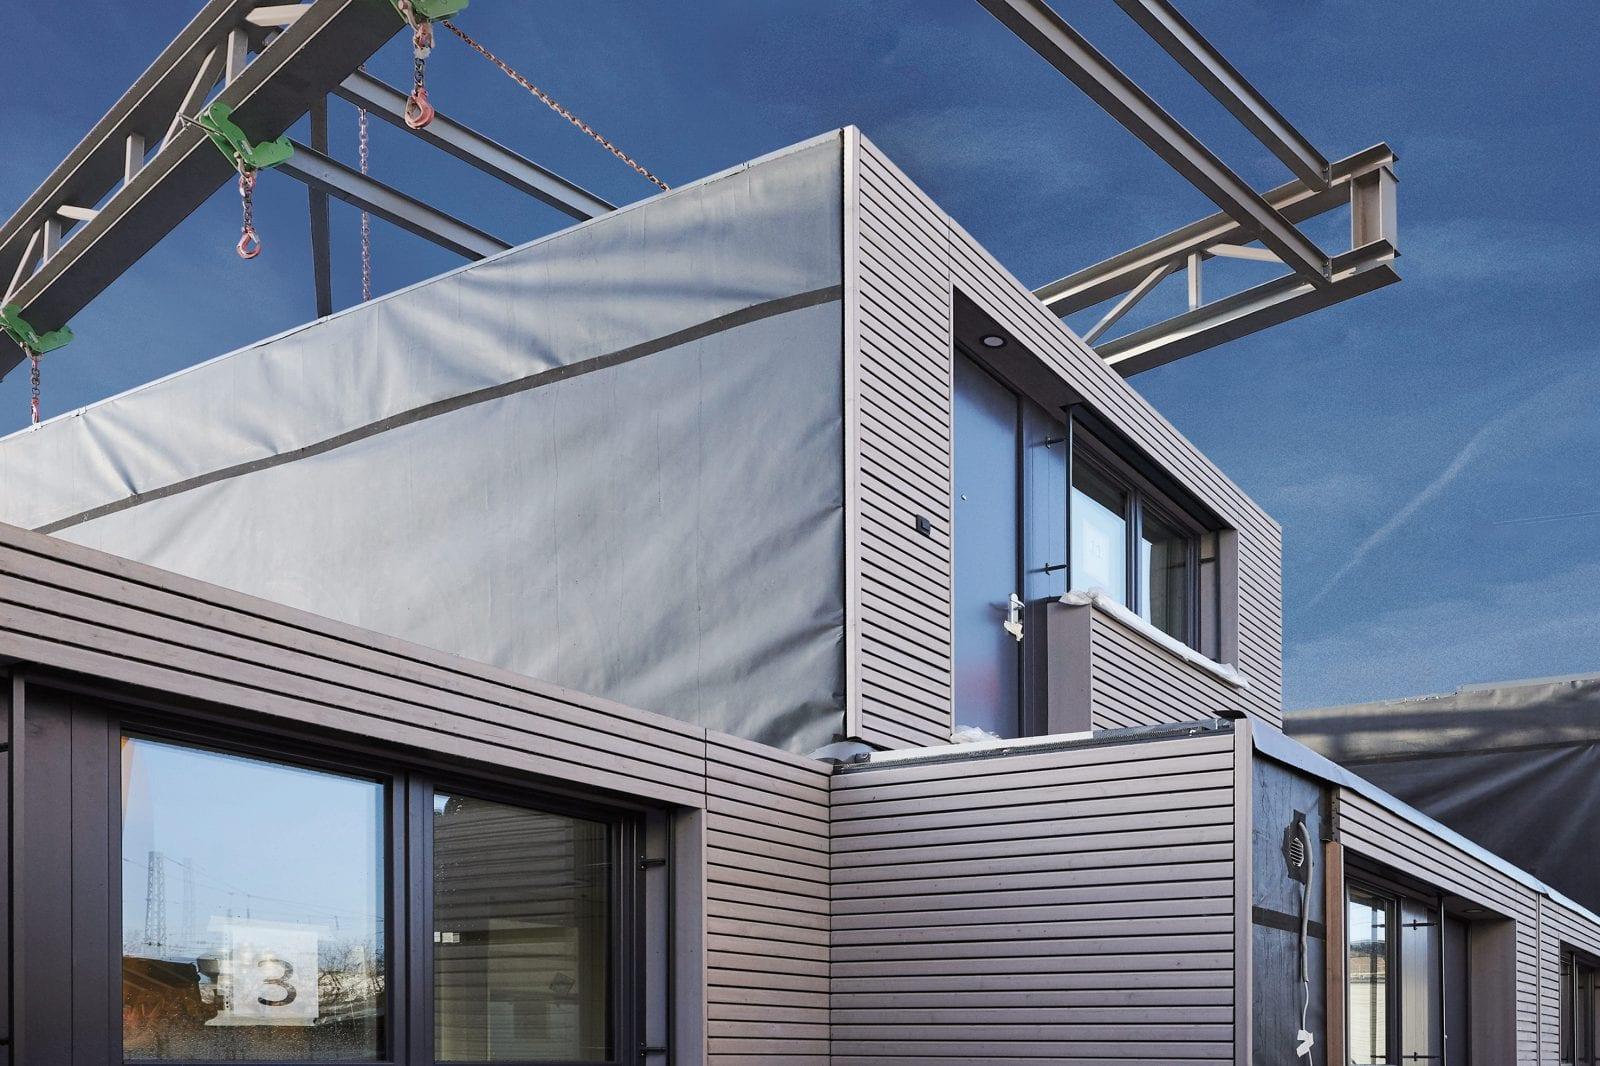 Einzelmodule von aktivhaus, die zu komplexen Wohngebäuden zusammengesetzt werden können (Foto: Peter Oppenländer)